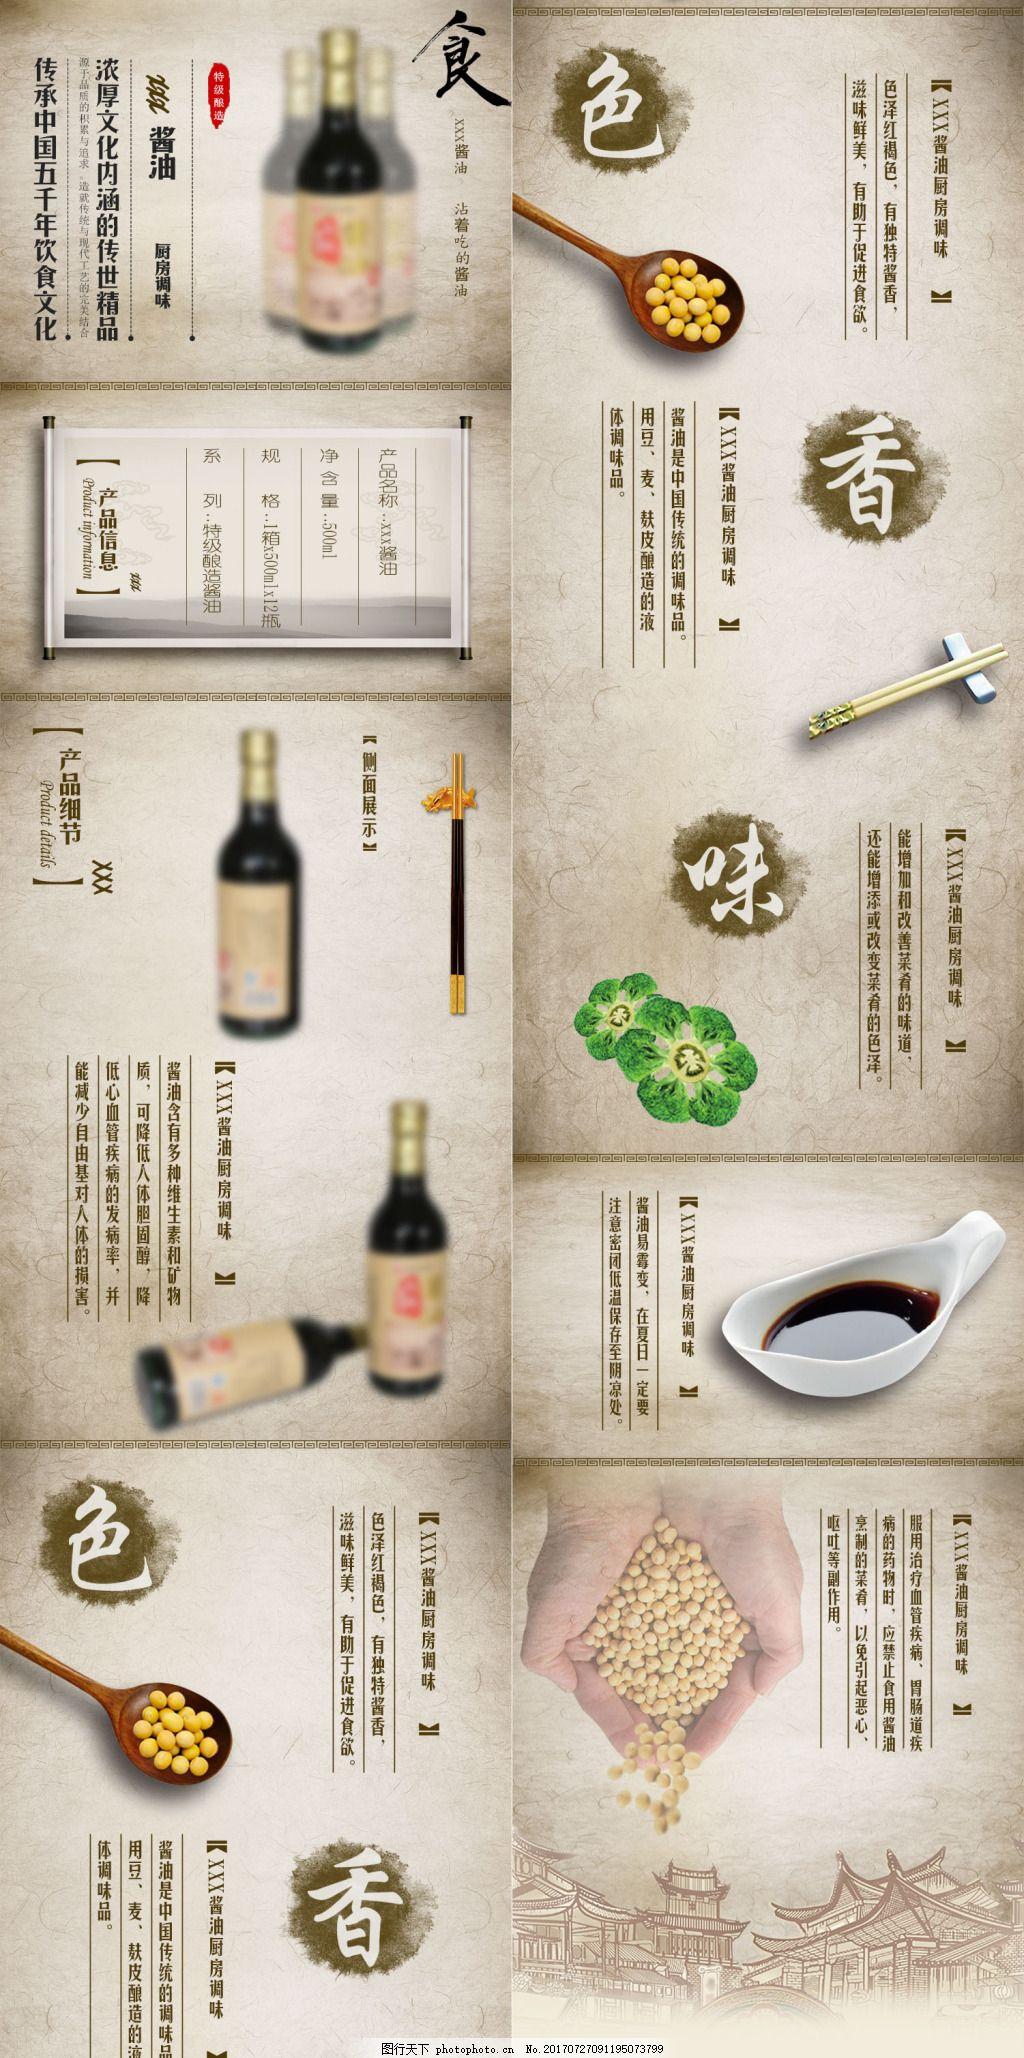 淘宝天猫酱油详情页模板设计 大豆 筷子 厨房调味品